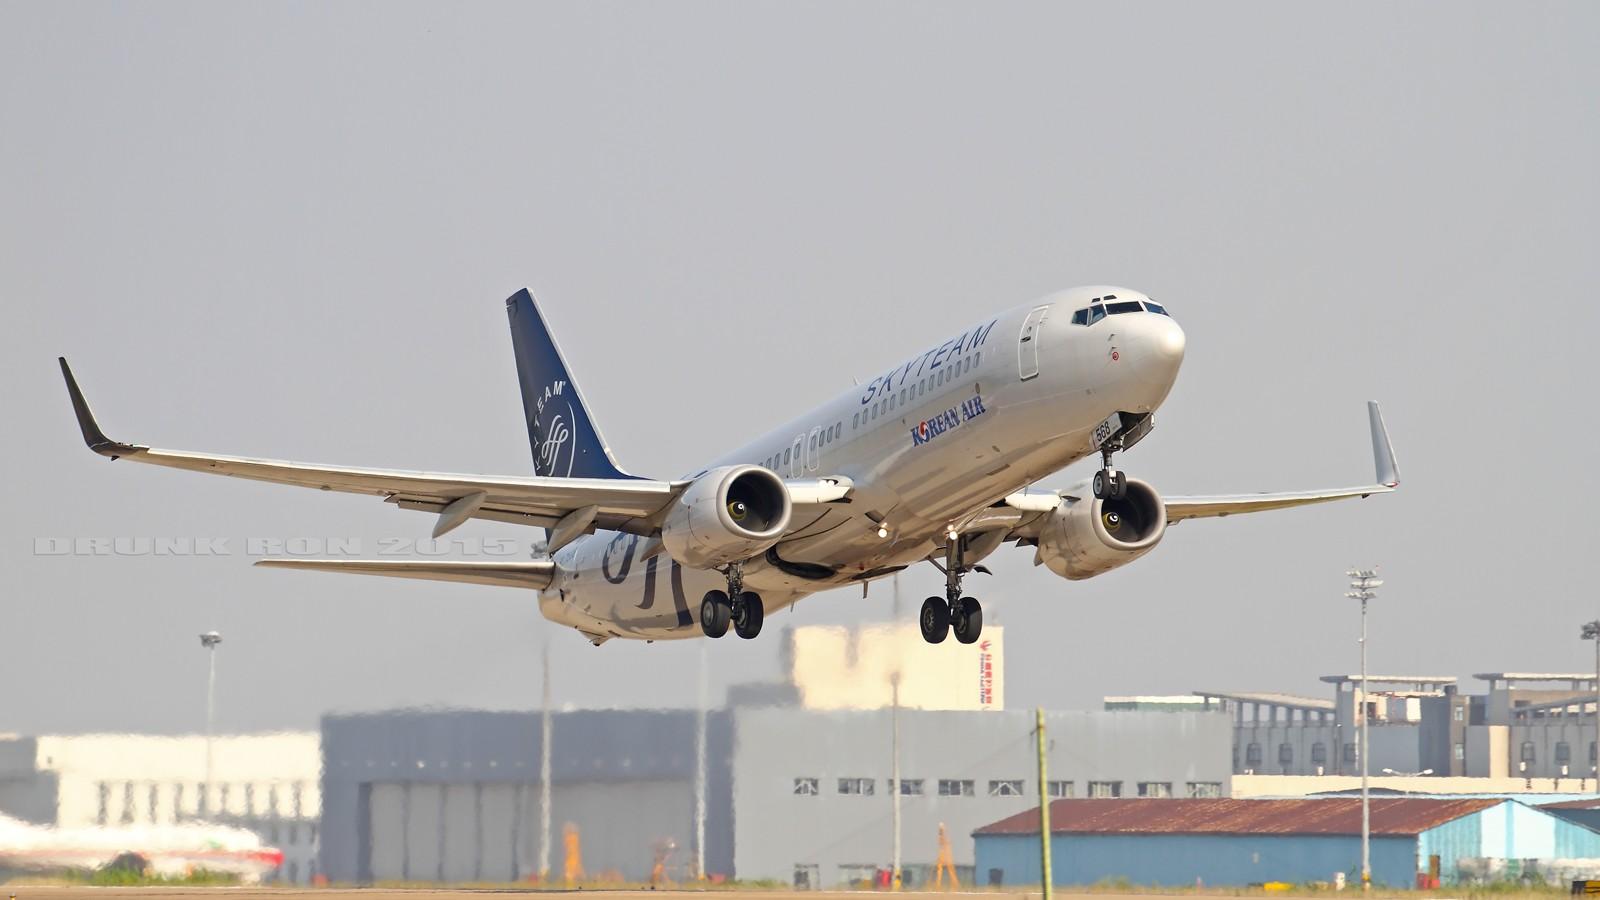 [原创]NKG~这家伙来了很多次但现在才是首发啊~ BOEING 737-800 HL7568 中国南京禄口国际机场